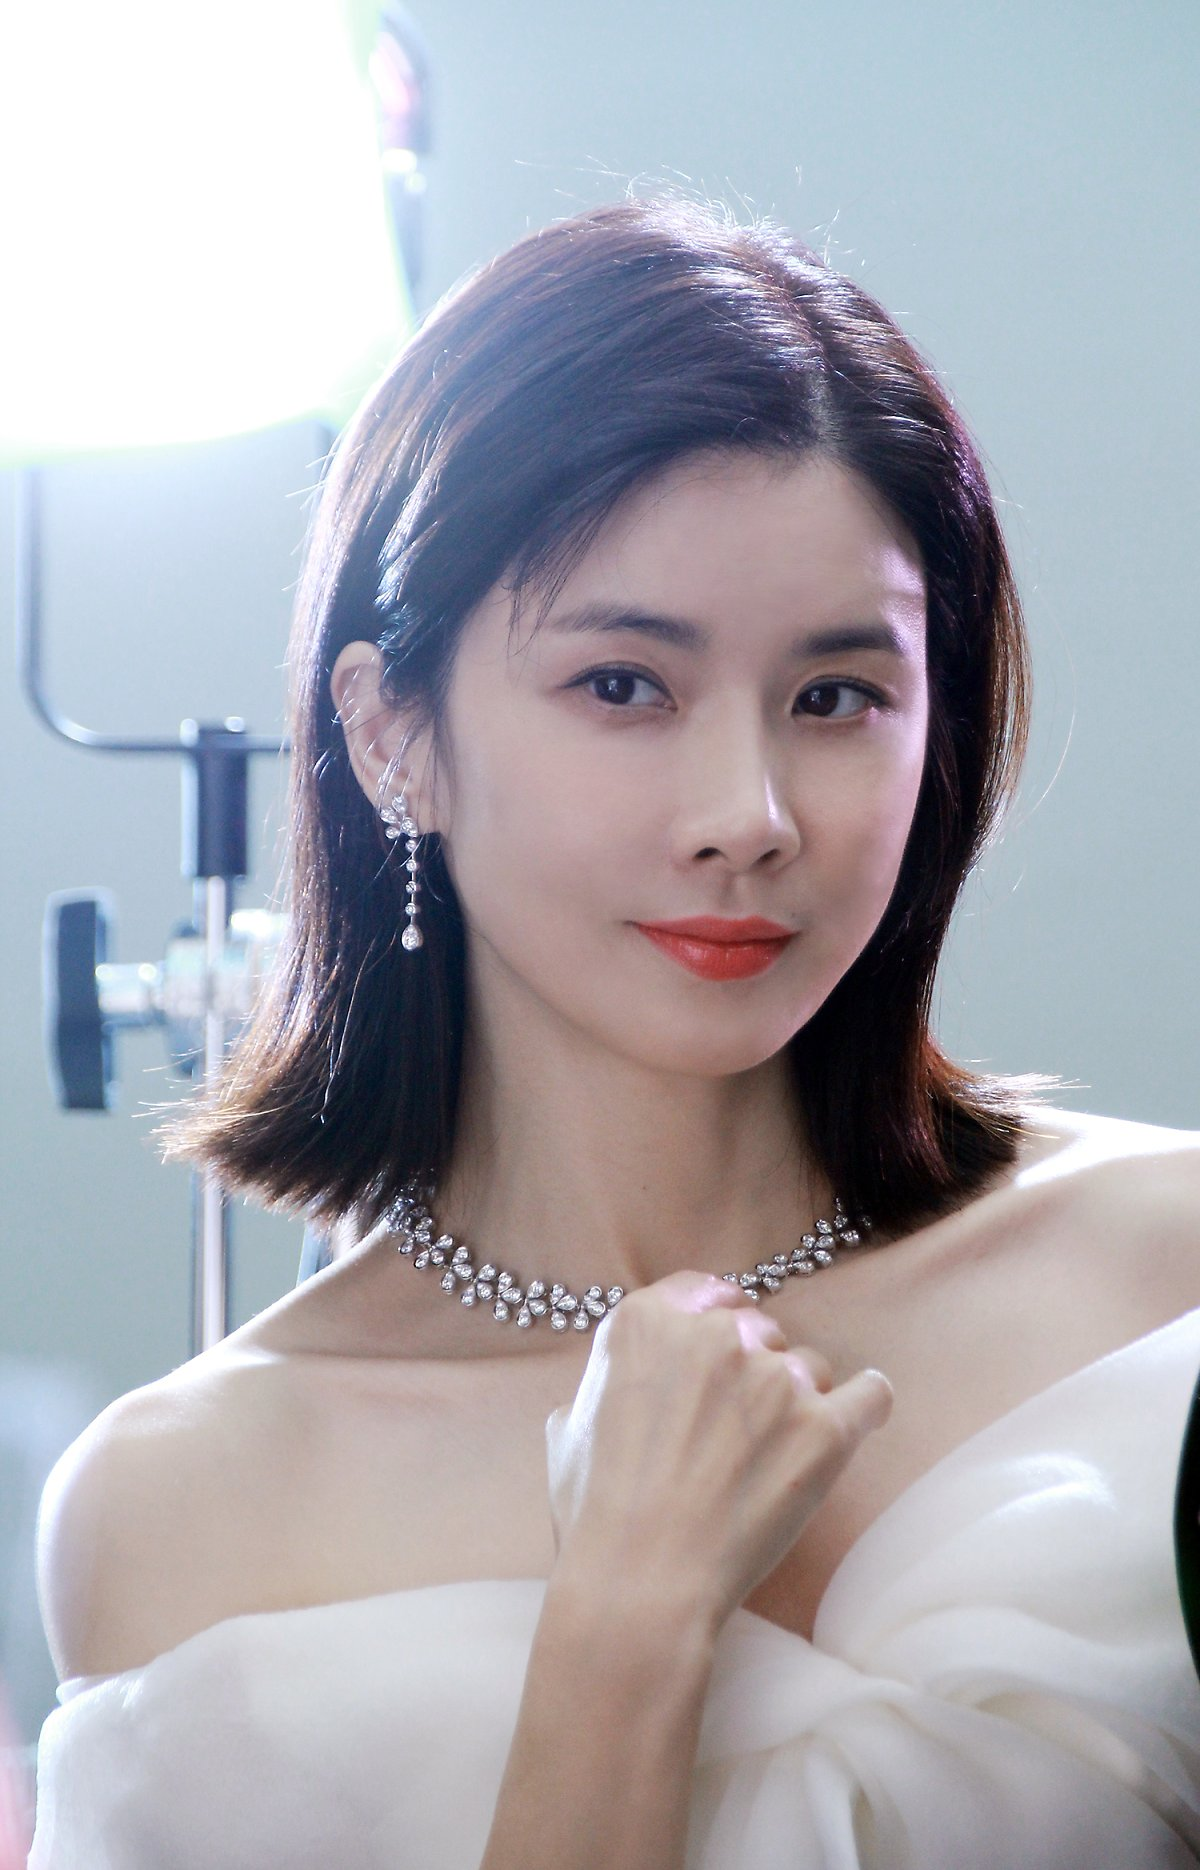 Mợ út tài phiệt của Mine Lee Bo Young: Hoa hậu bị gán mác tiểu tam, cự tuyệt tài tử Ji Sung rồi lại cùng chàng có kết đẹp như cổ tích - Ảnh 8.